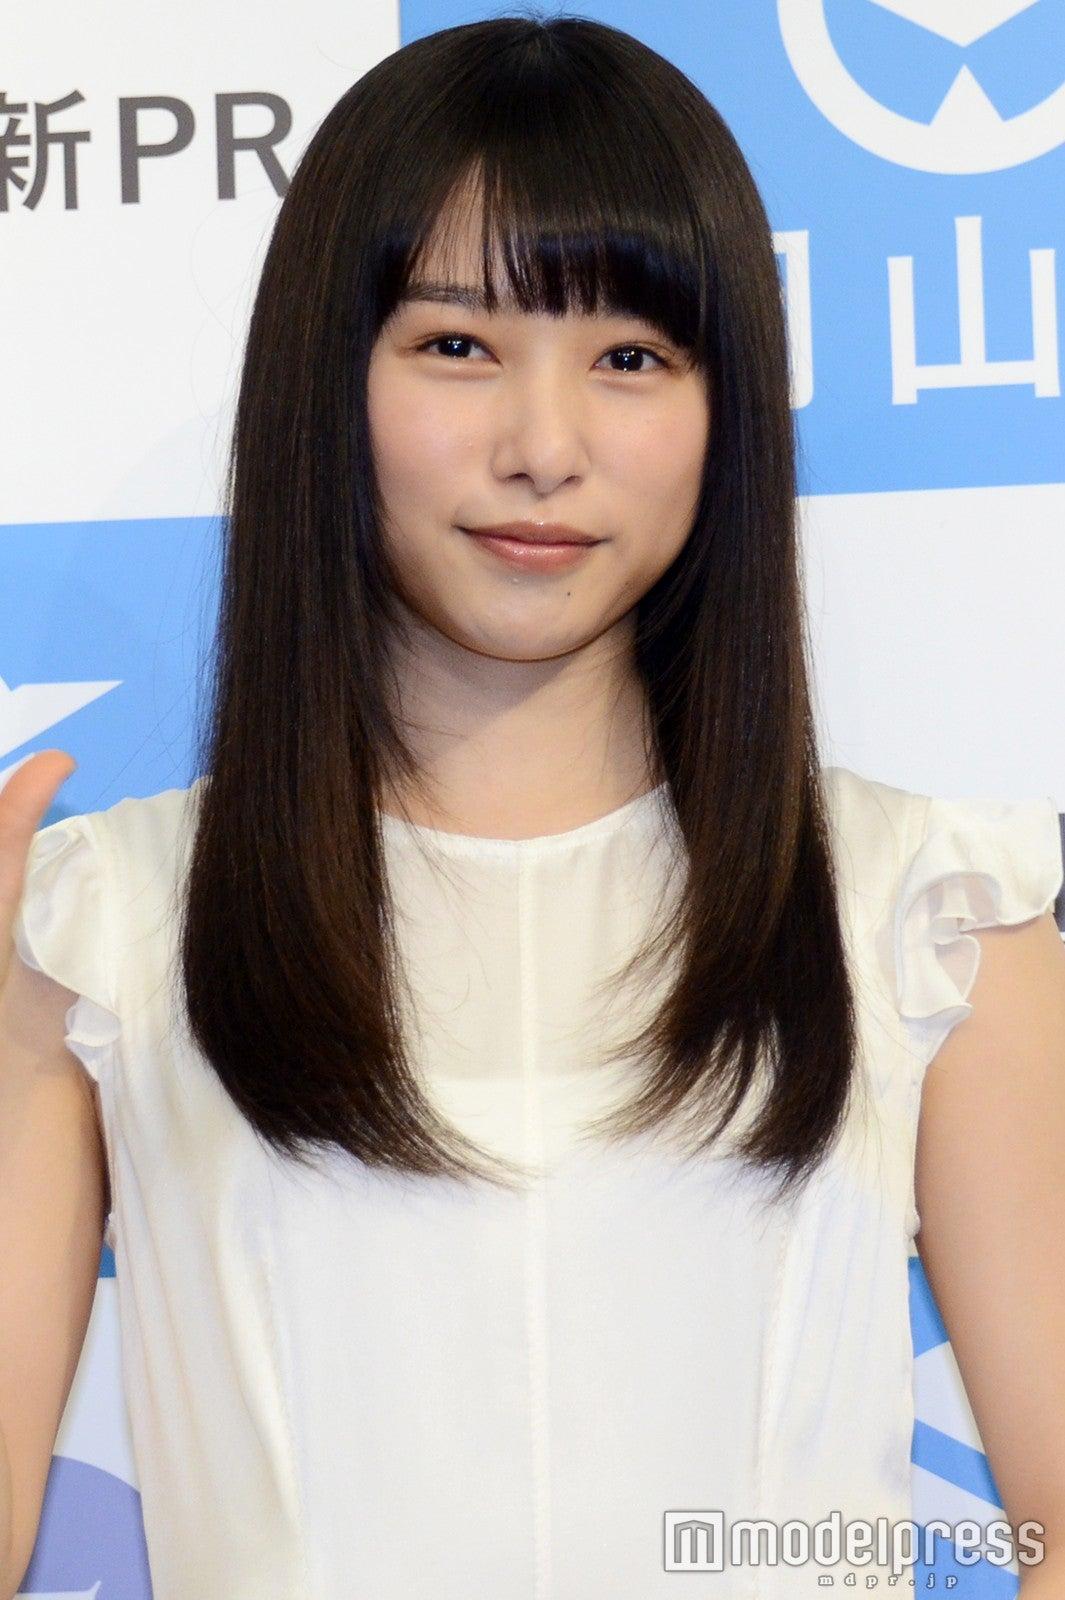 桜井日奈子さんの画像その18